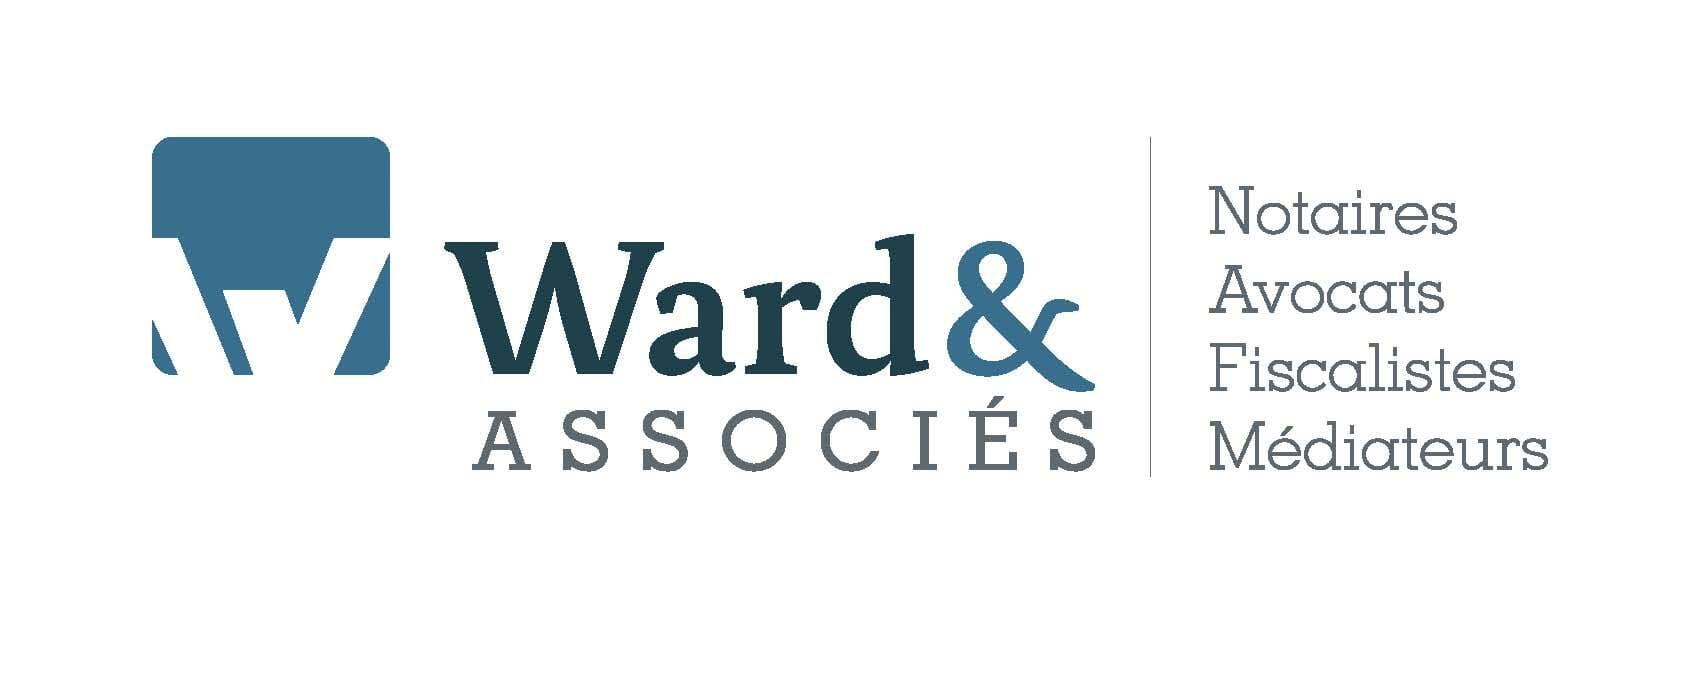 Ward & associés - Logo